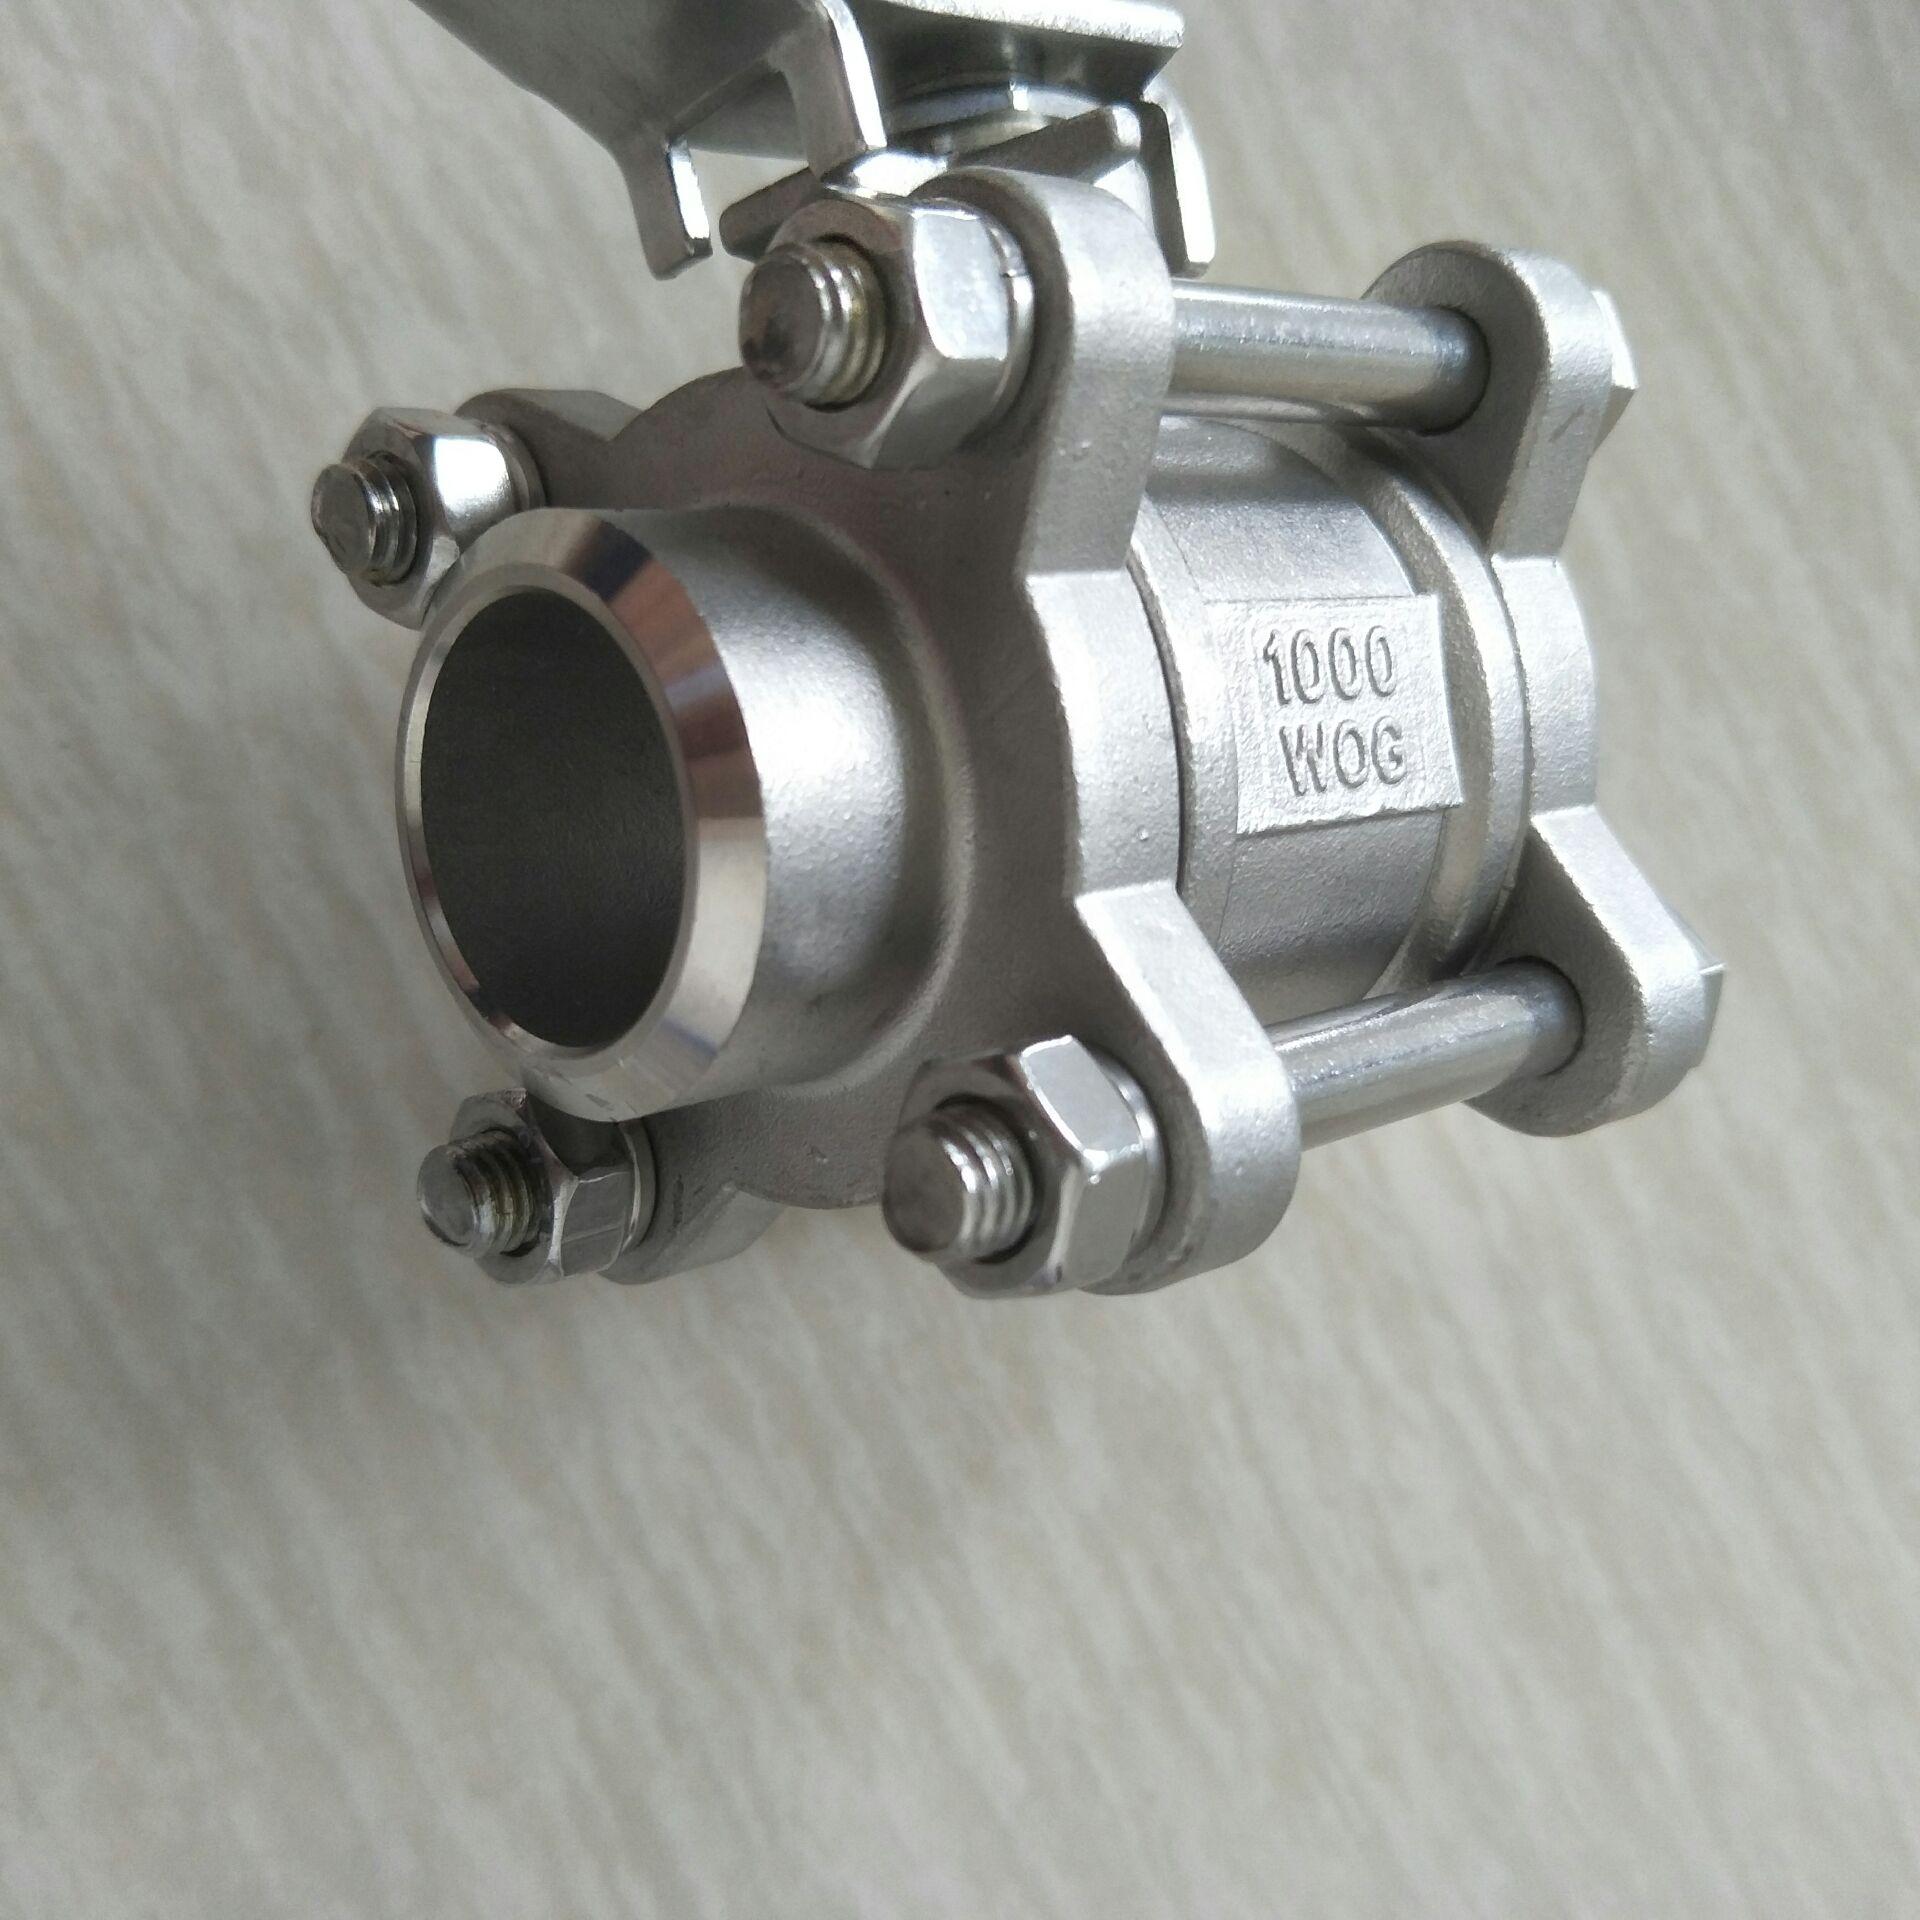 不锈钢焊接三片式球阀 DN25 3PC球阀1寸810953422